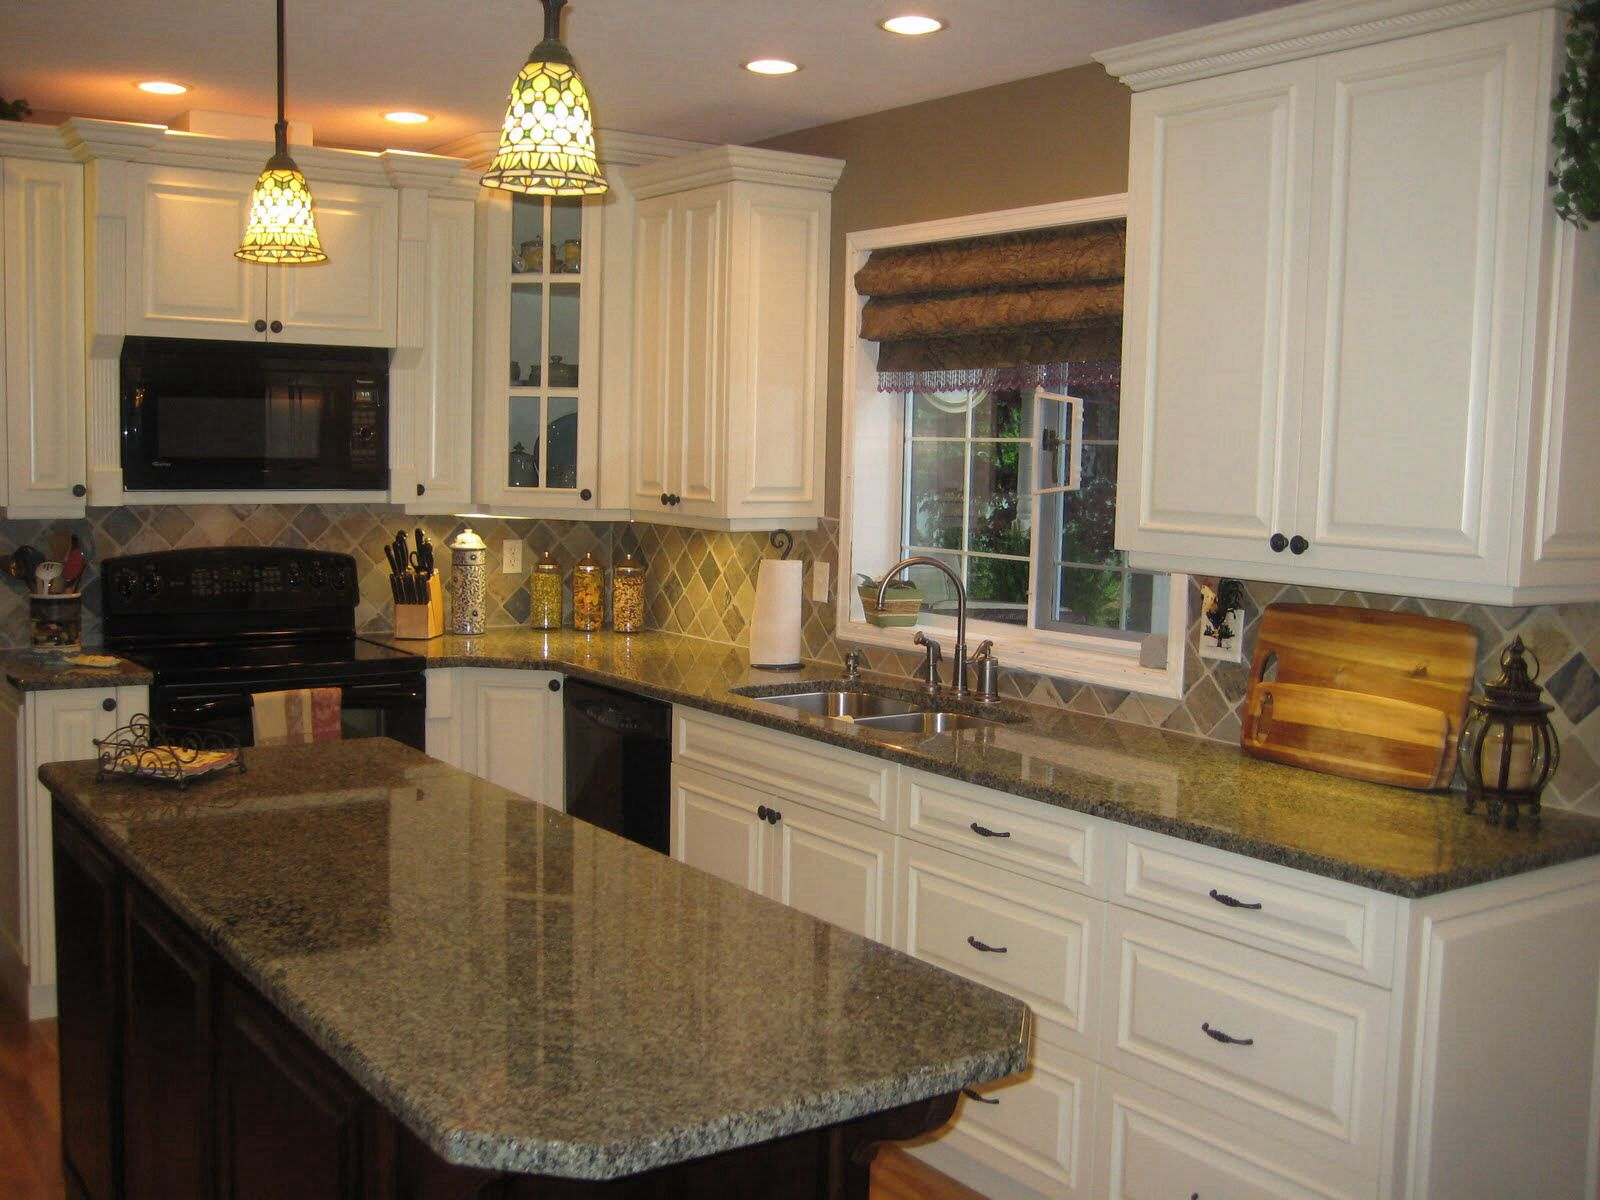 White w black appliances kitchen ideas pinterest - White kitchen cabinets black appliances ...